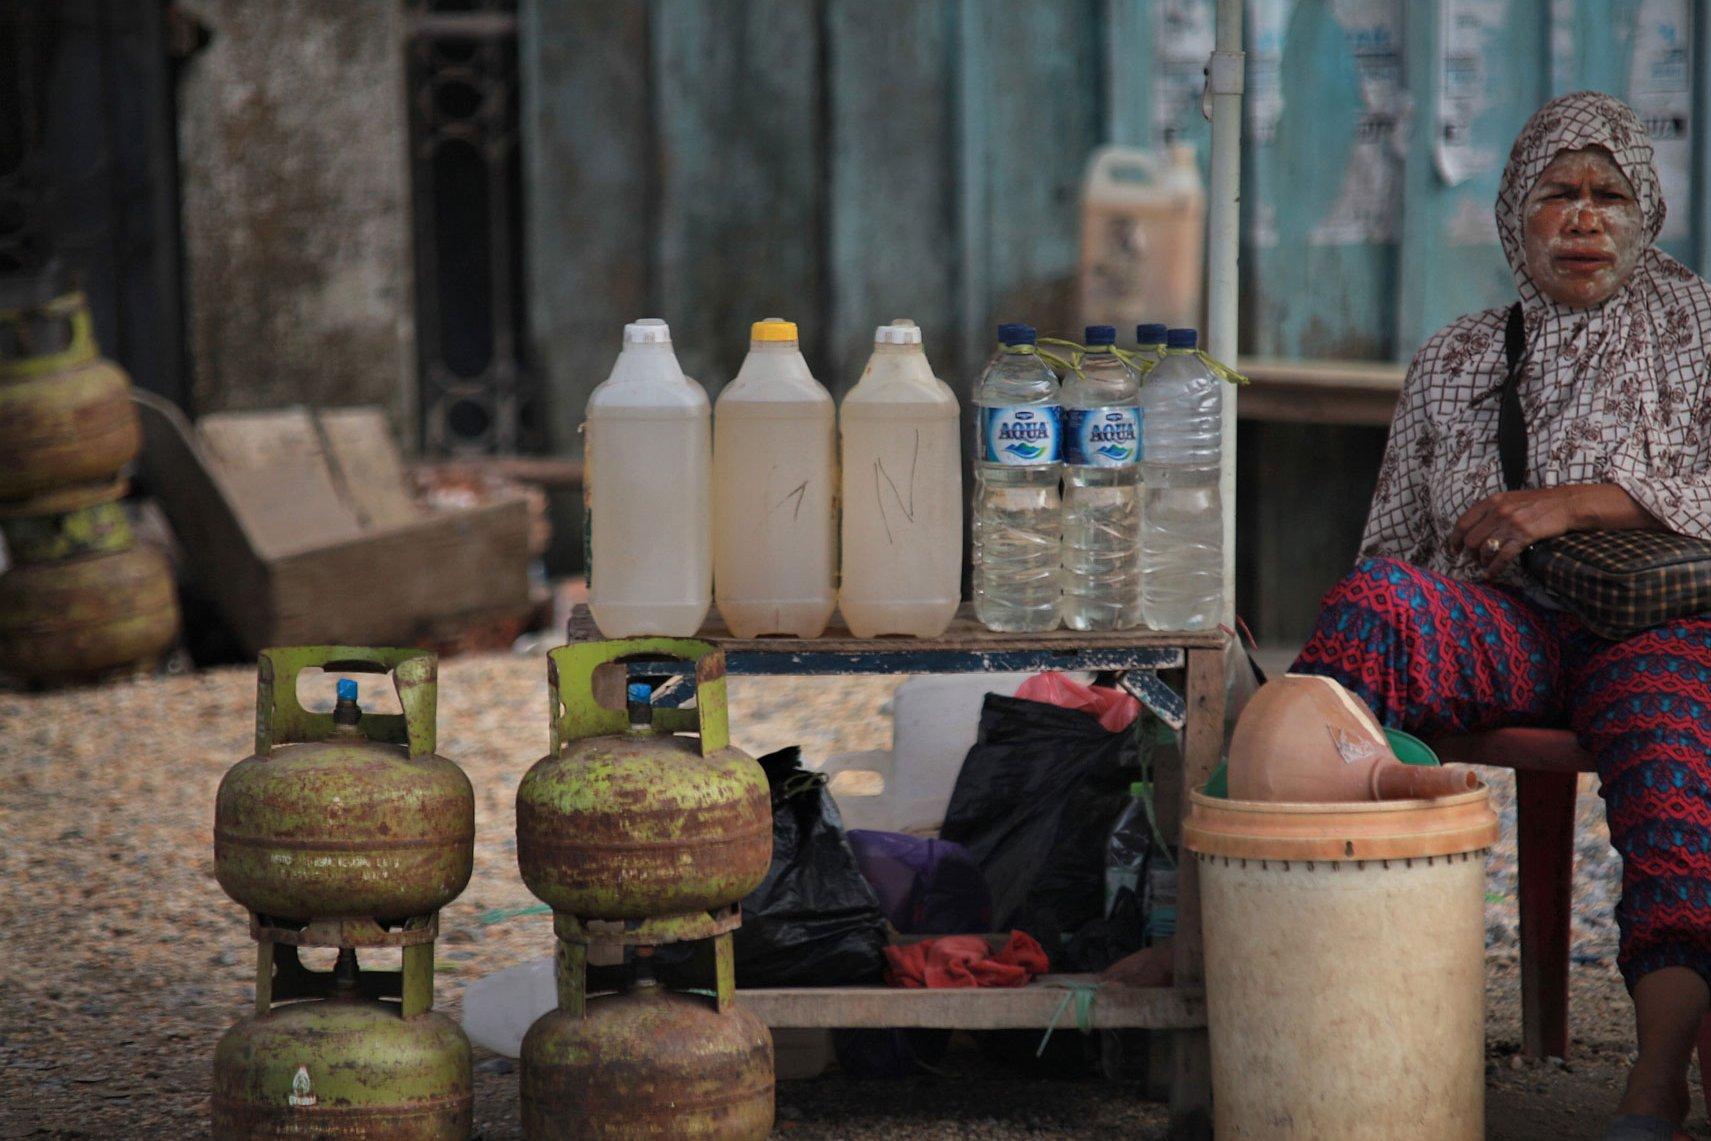 Penjual minyak tanah dan gas elpiji 3 kilogram menanti pembeli di jalan MT Haryono, Kendari, Sulawesi Tenggara, Senin (20/11). Bank Indonesia mengklaim bahwa program konversi dari minyak tanah ke elpiji 3 kg yang telah berjalan 10 tahun menghemat anggaran negara Rp 197 triliun.